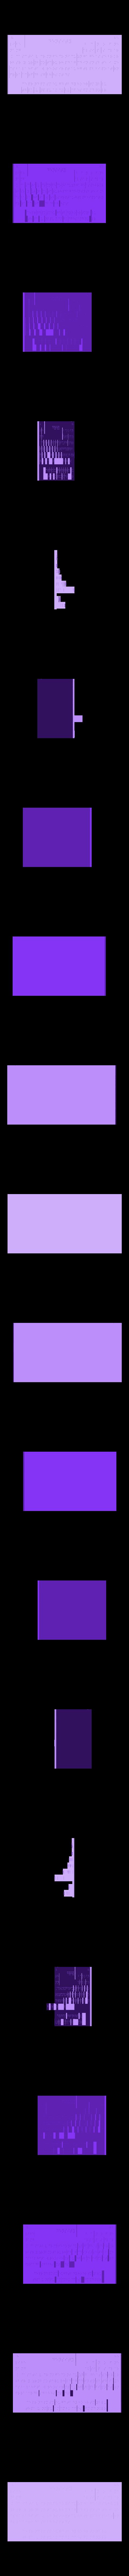 new_Braille_density_table.stl Télécharger fichier STL gratuit Amélioration du tableau périodique en braille (densité) • Modèle imprimable en 3D, Durbarod